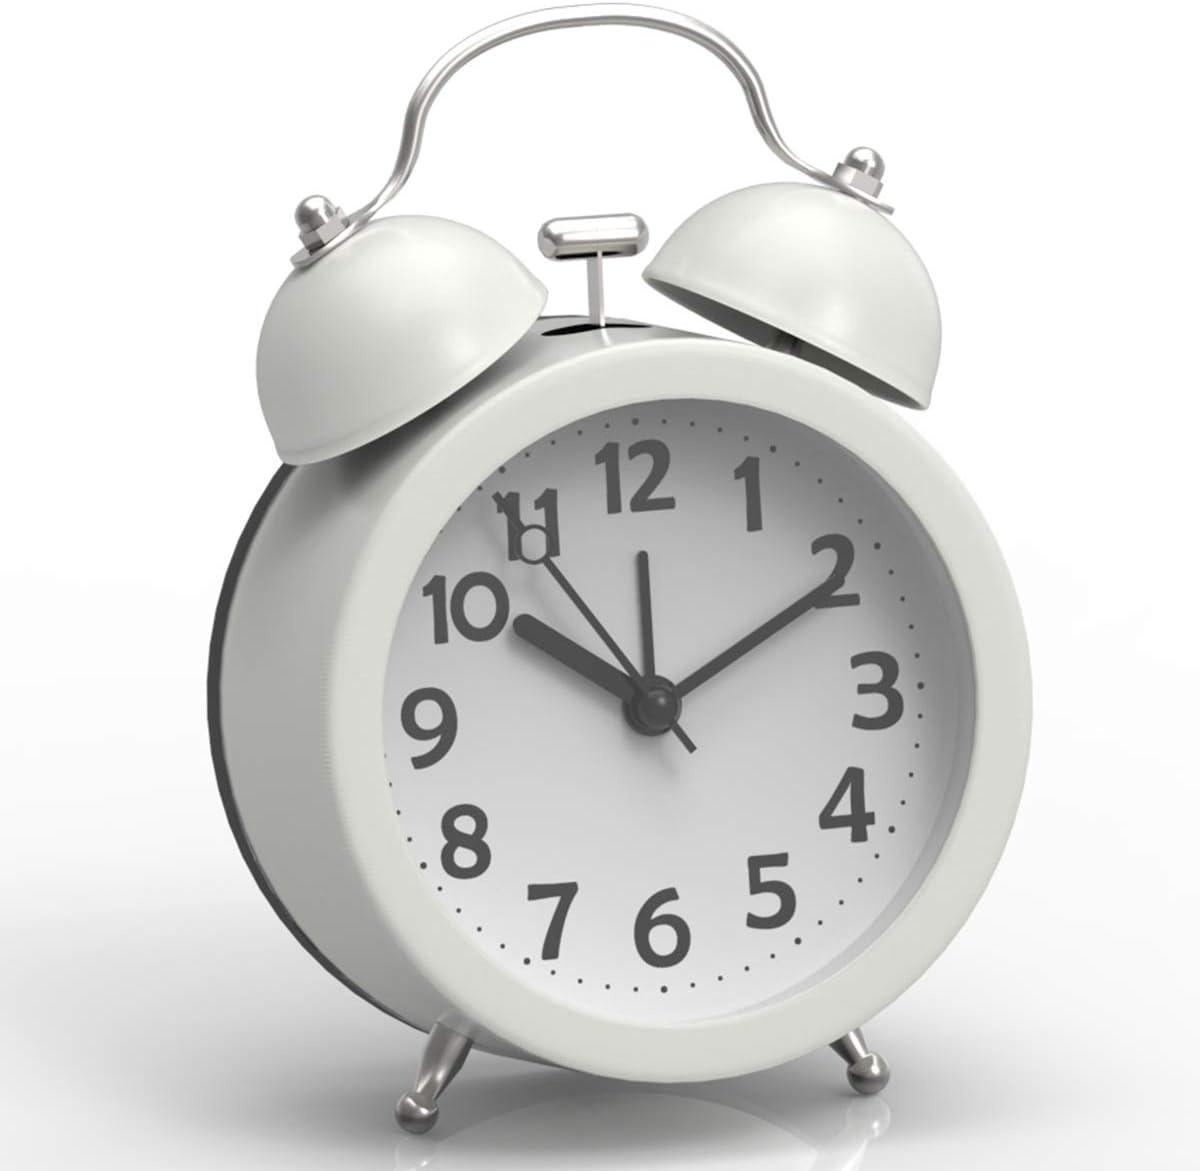 ベル音アラーム ライト付き目覚まし時計(白)マカロン色クロック ホワイト… …